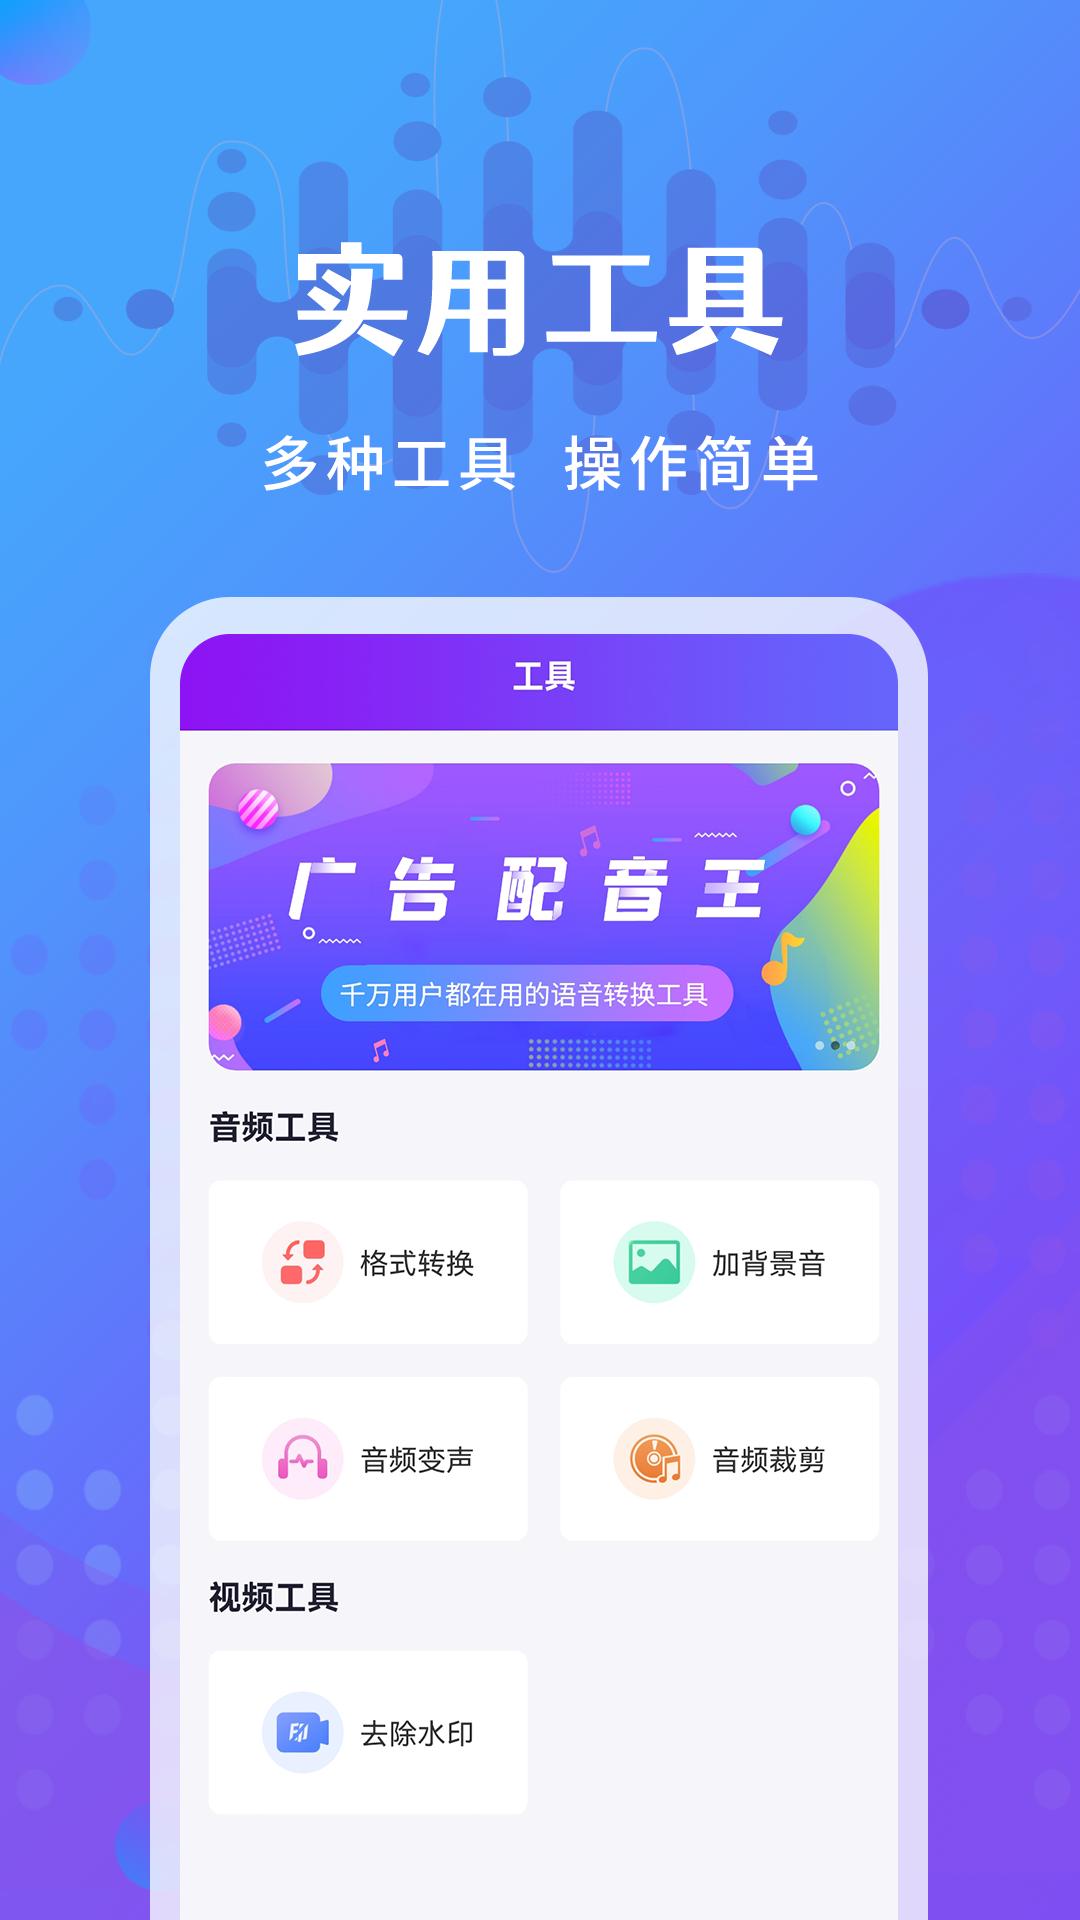 广告配音王 V2.0.3 安卓版截图5